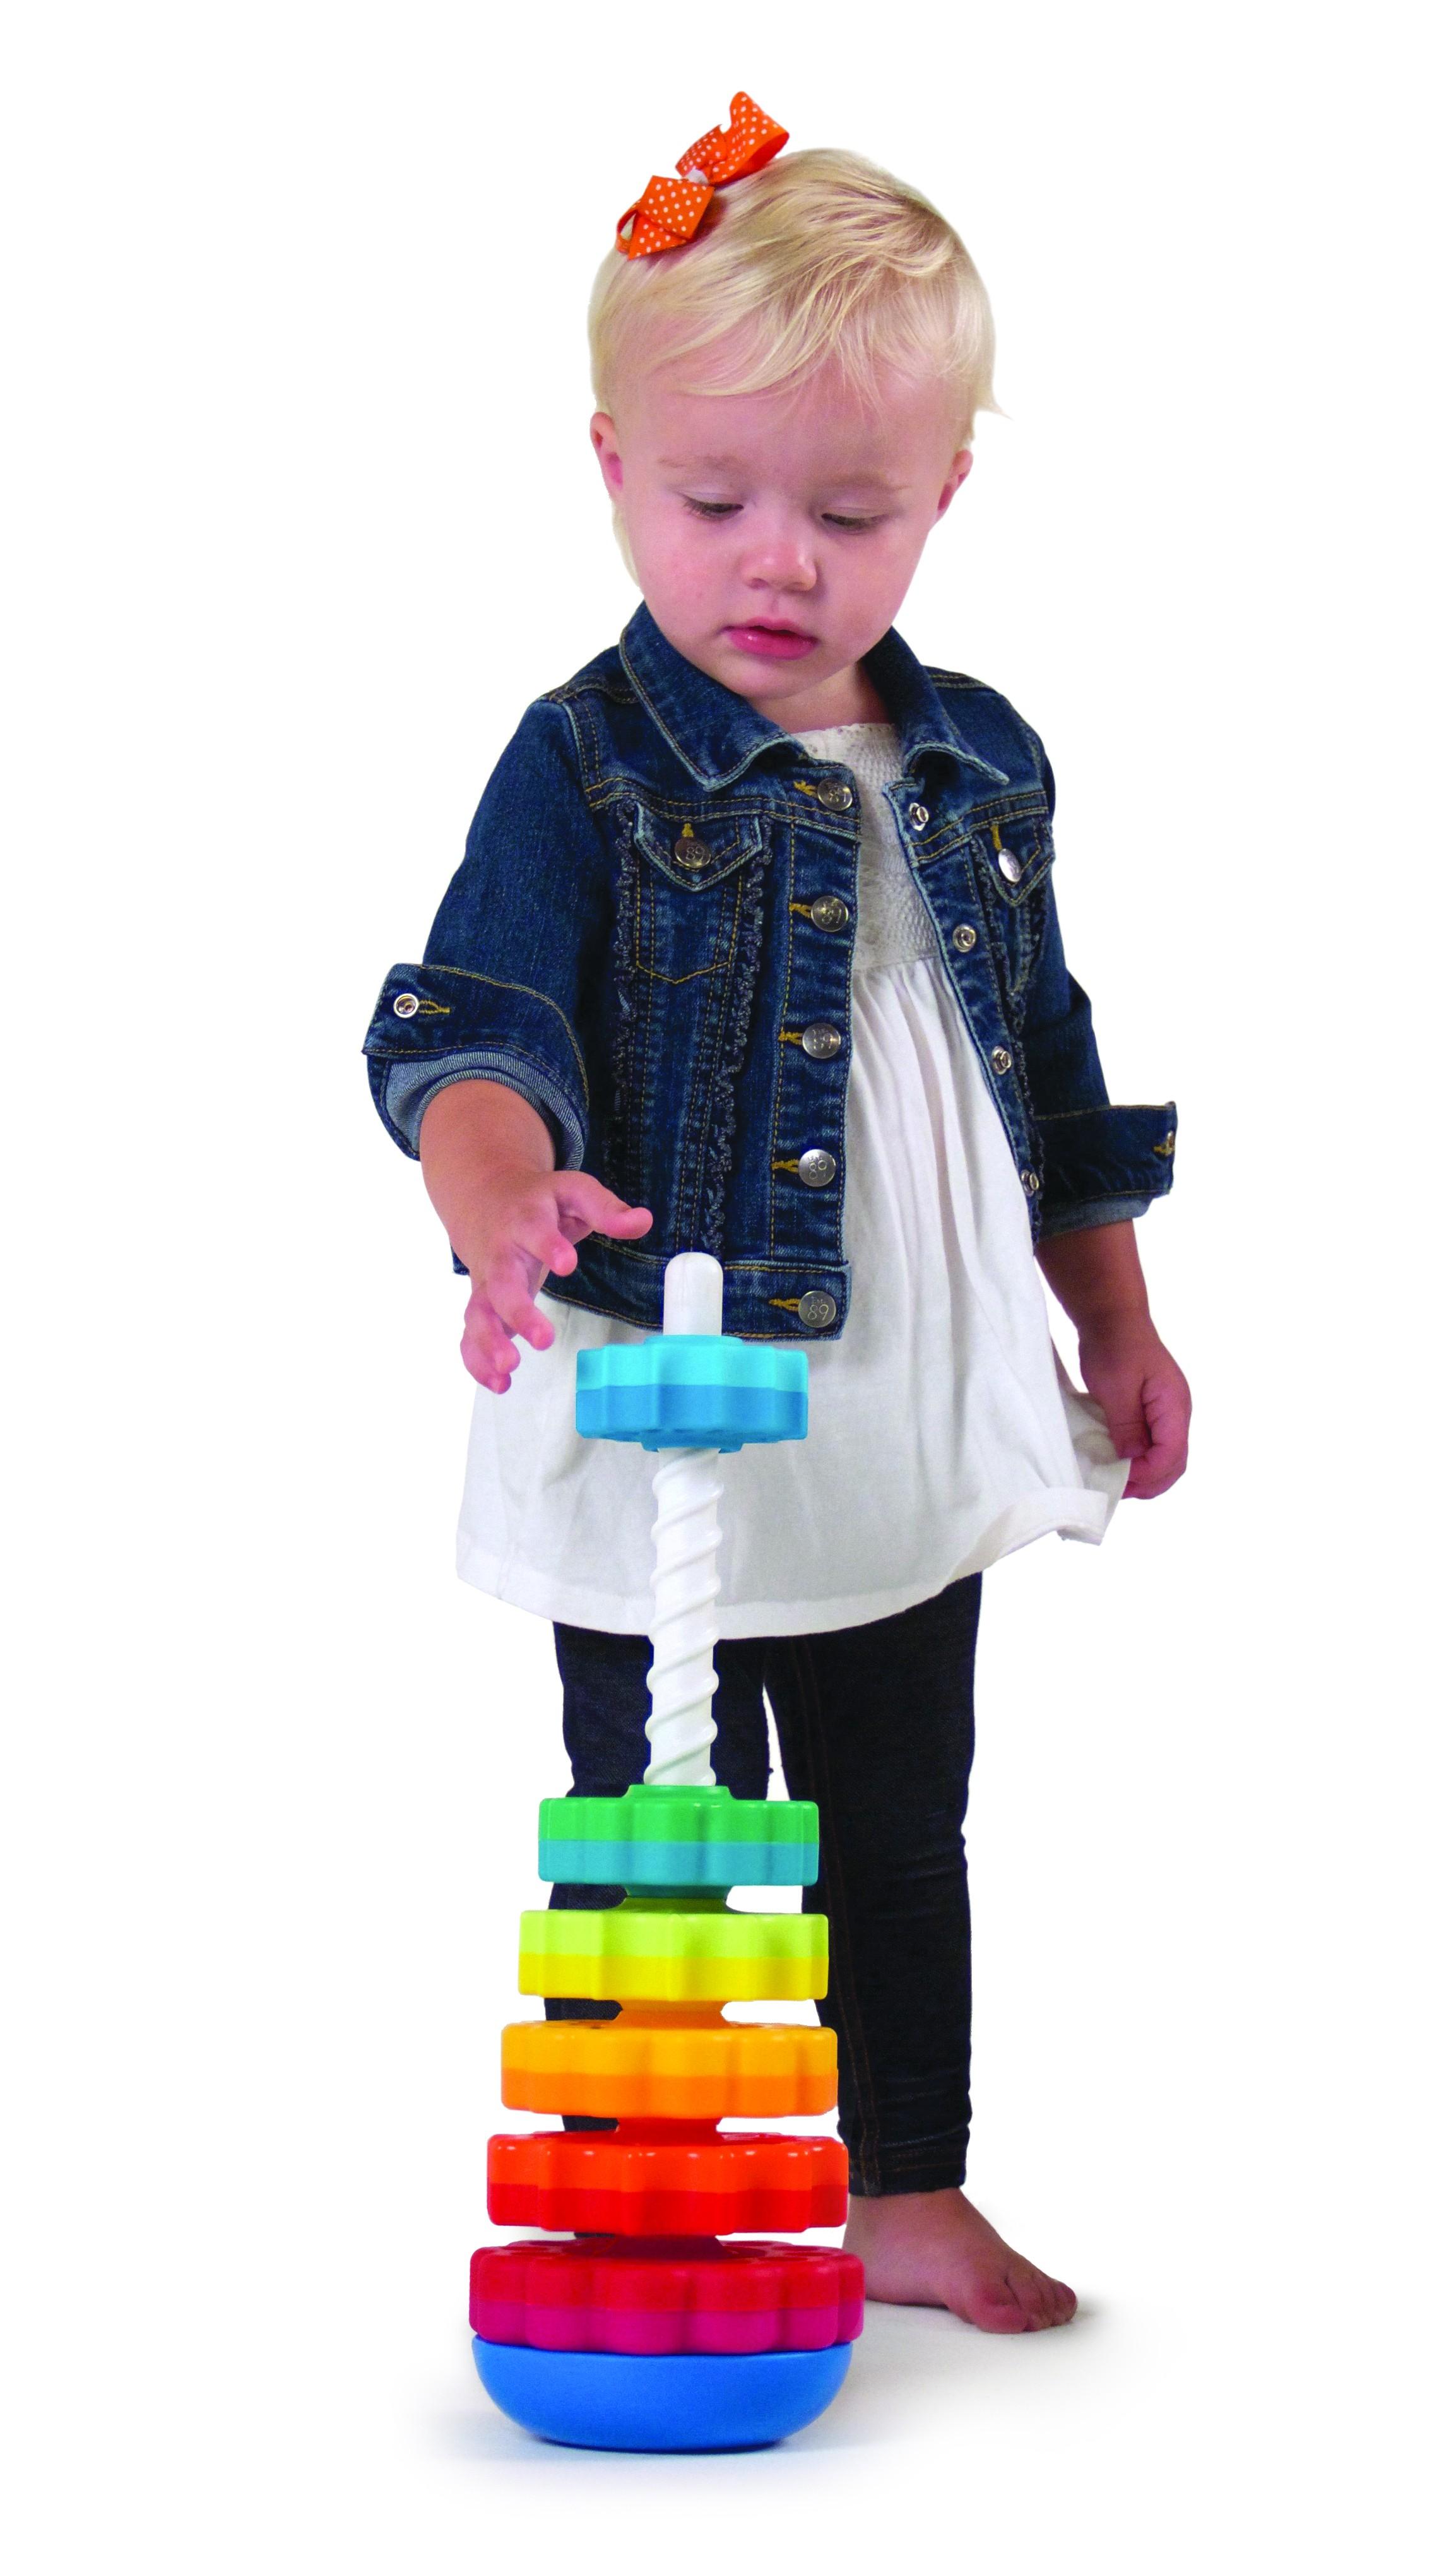 Piramida cu rotite pentru bebelusi - Fat Brain Toys 8